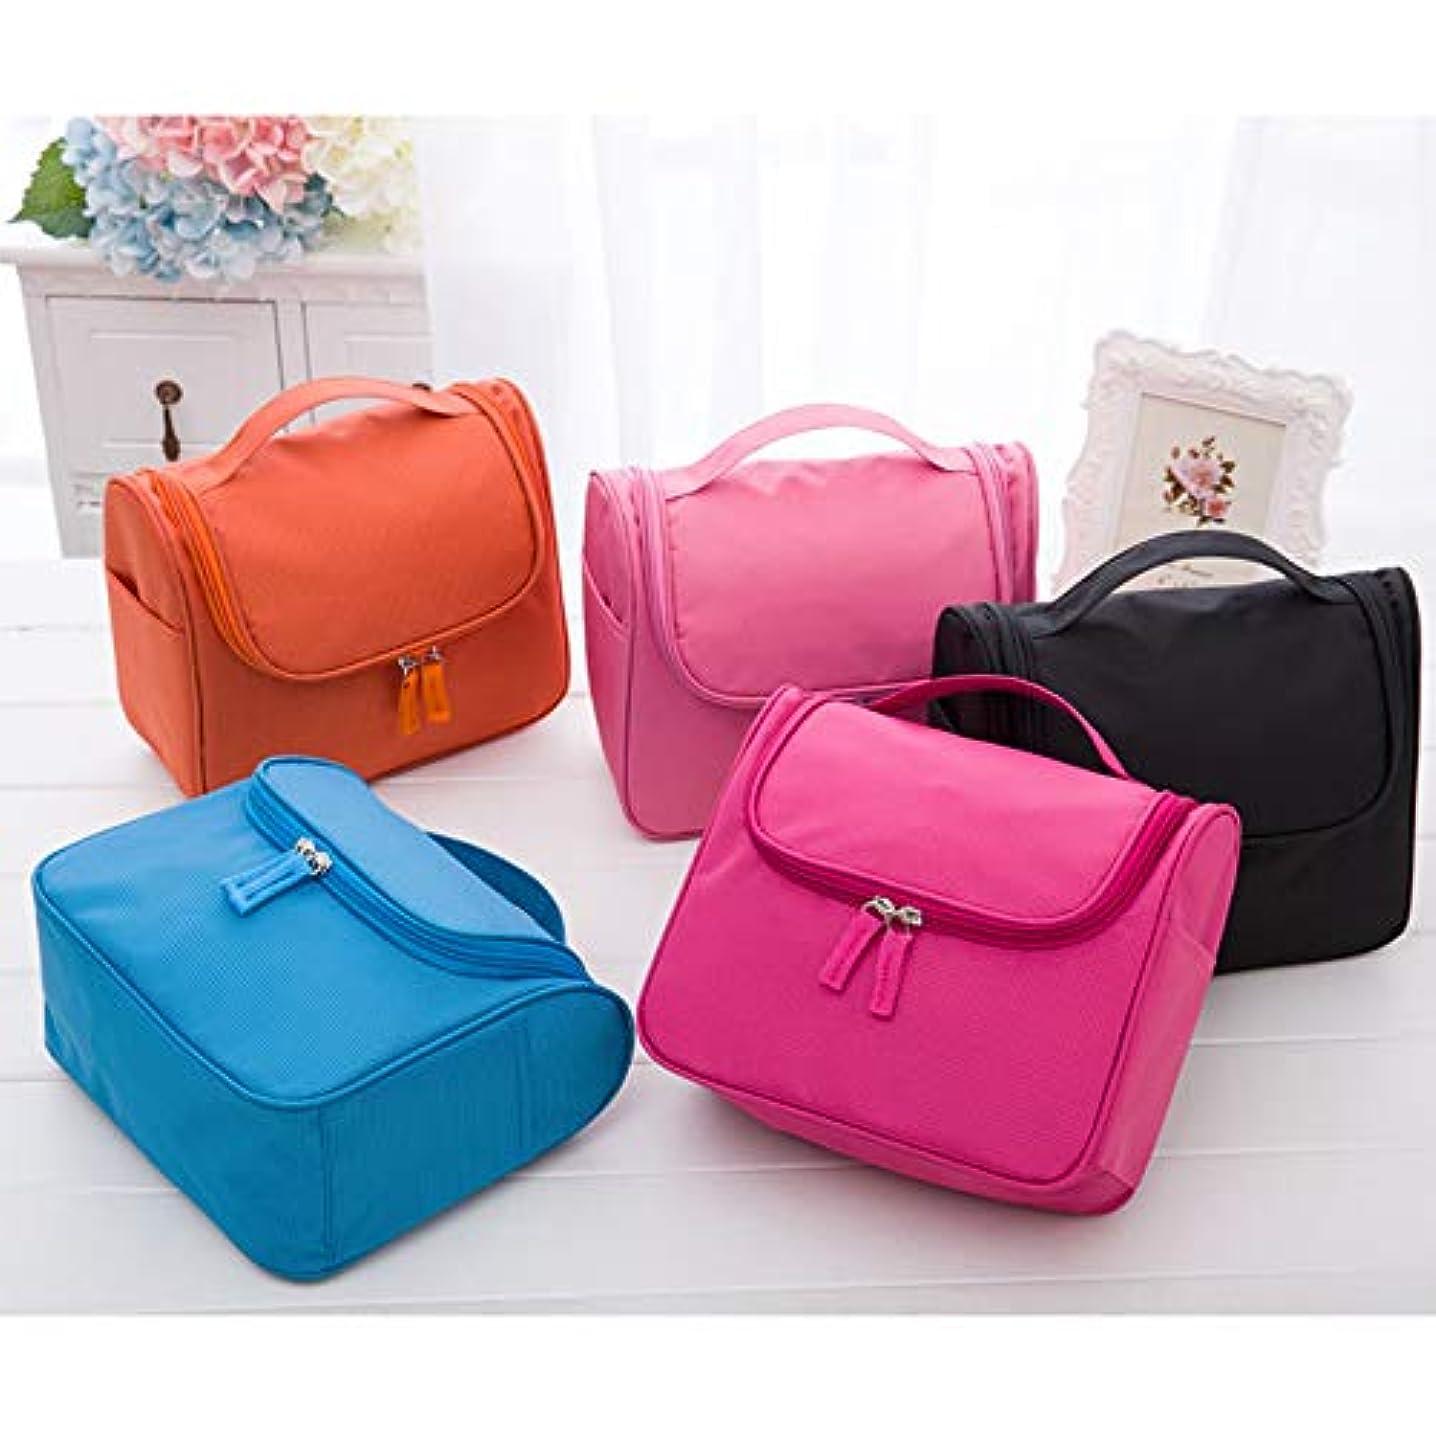 成熟エピソードキャリッジオレンジ メイクボックス/化粧用バッグ 化粧バッグ 化粧品入れ 洗面用具入れ ストレージトラベルキット フック付き 旅行用 家用